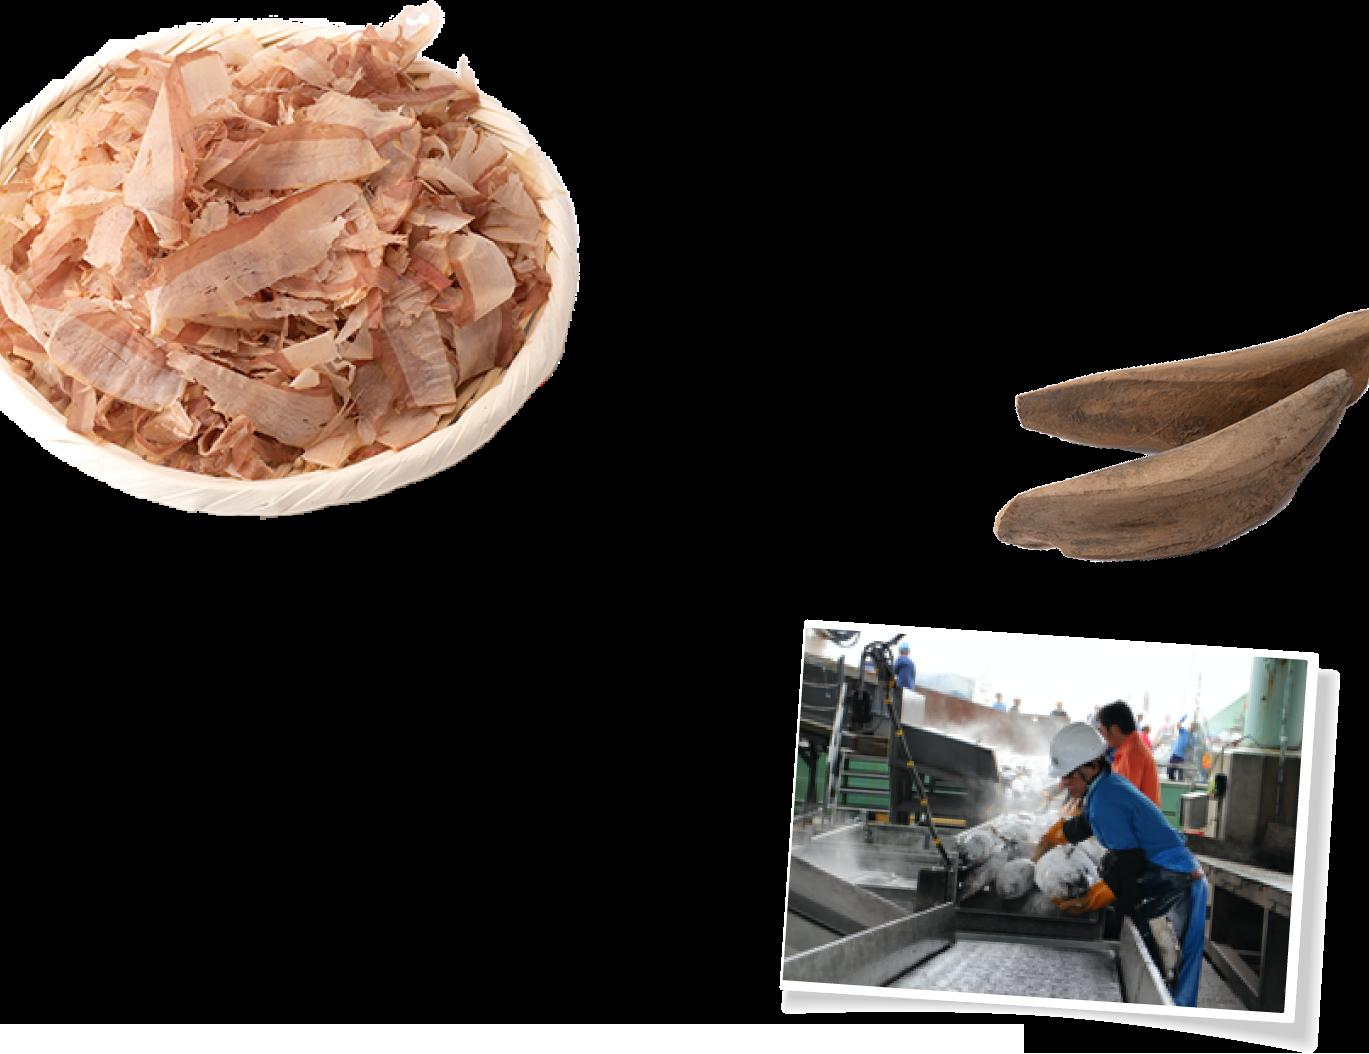 自社工場で製造した削りたての薫り高い鰹節をふんだんに使用。                 焼津で水揚げされたお刺身用のカツオ・マグロを生のまま使用で嗜好性抜群!